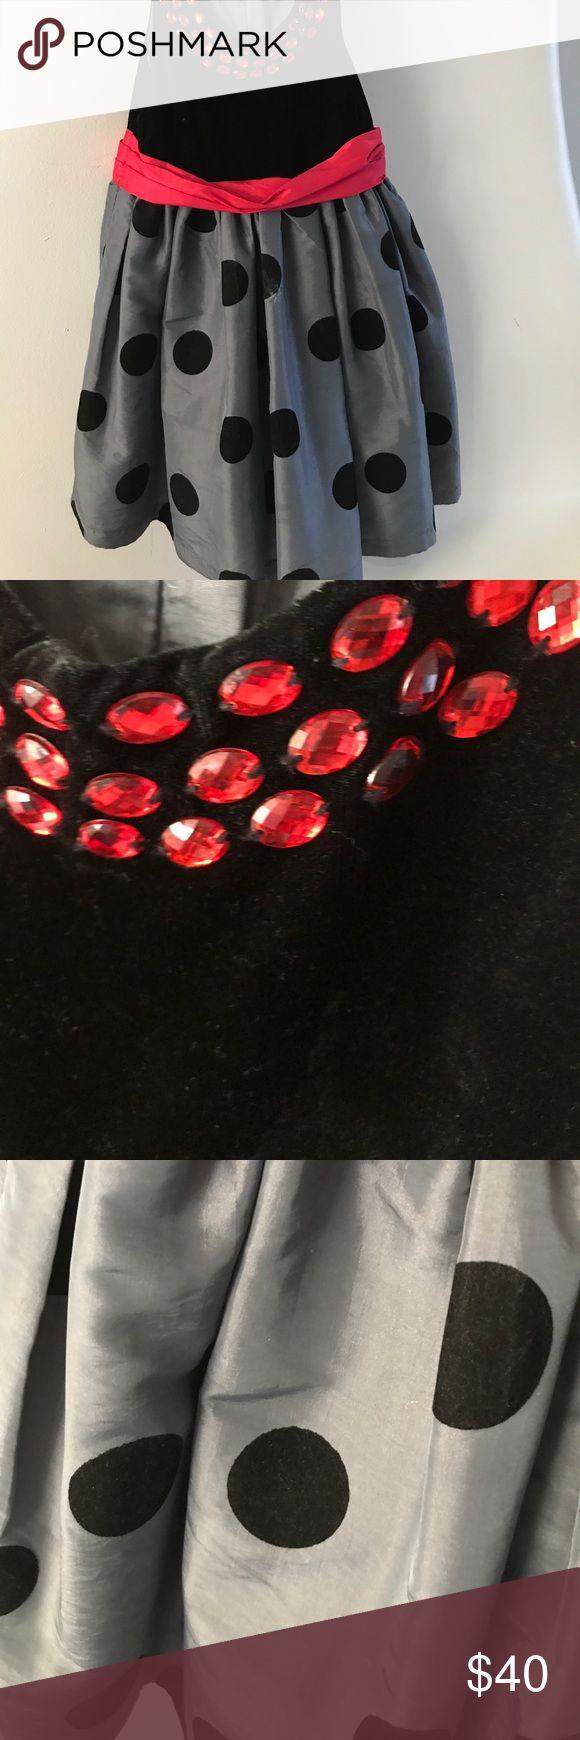 Black velvet evening dress for girls size 7 Black velvet upper and polka dot skirt, Red rhinestone trim collar, tulle under layer for added fullness pumpkin patch Dresses Formal